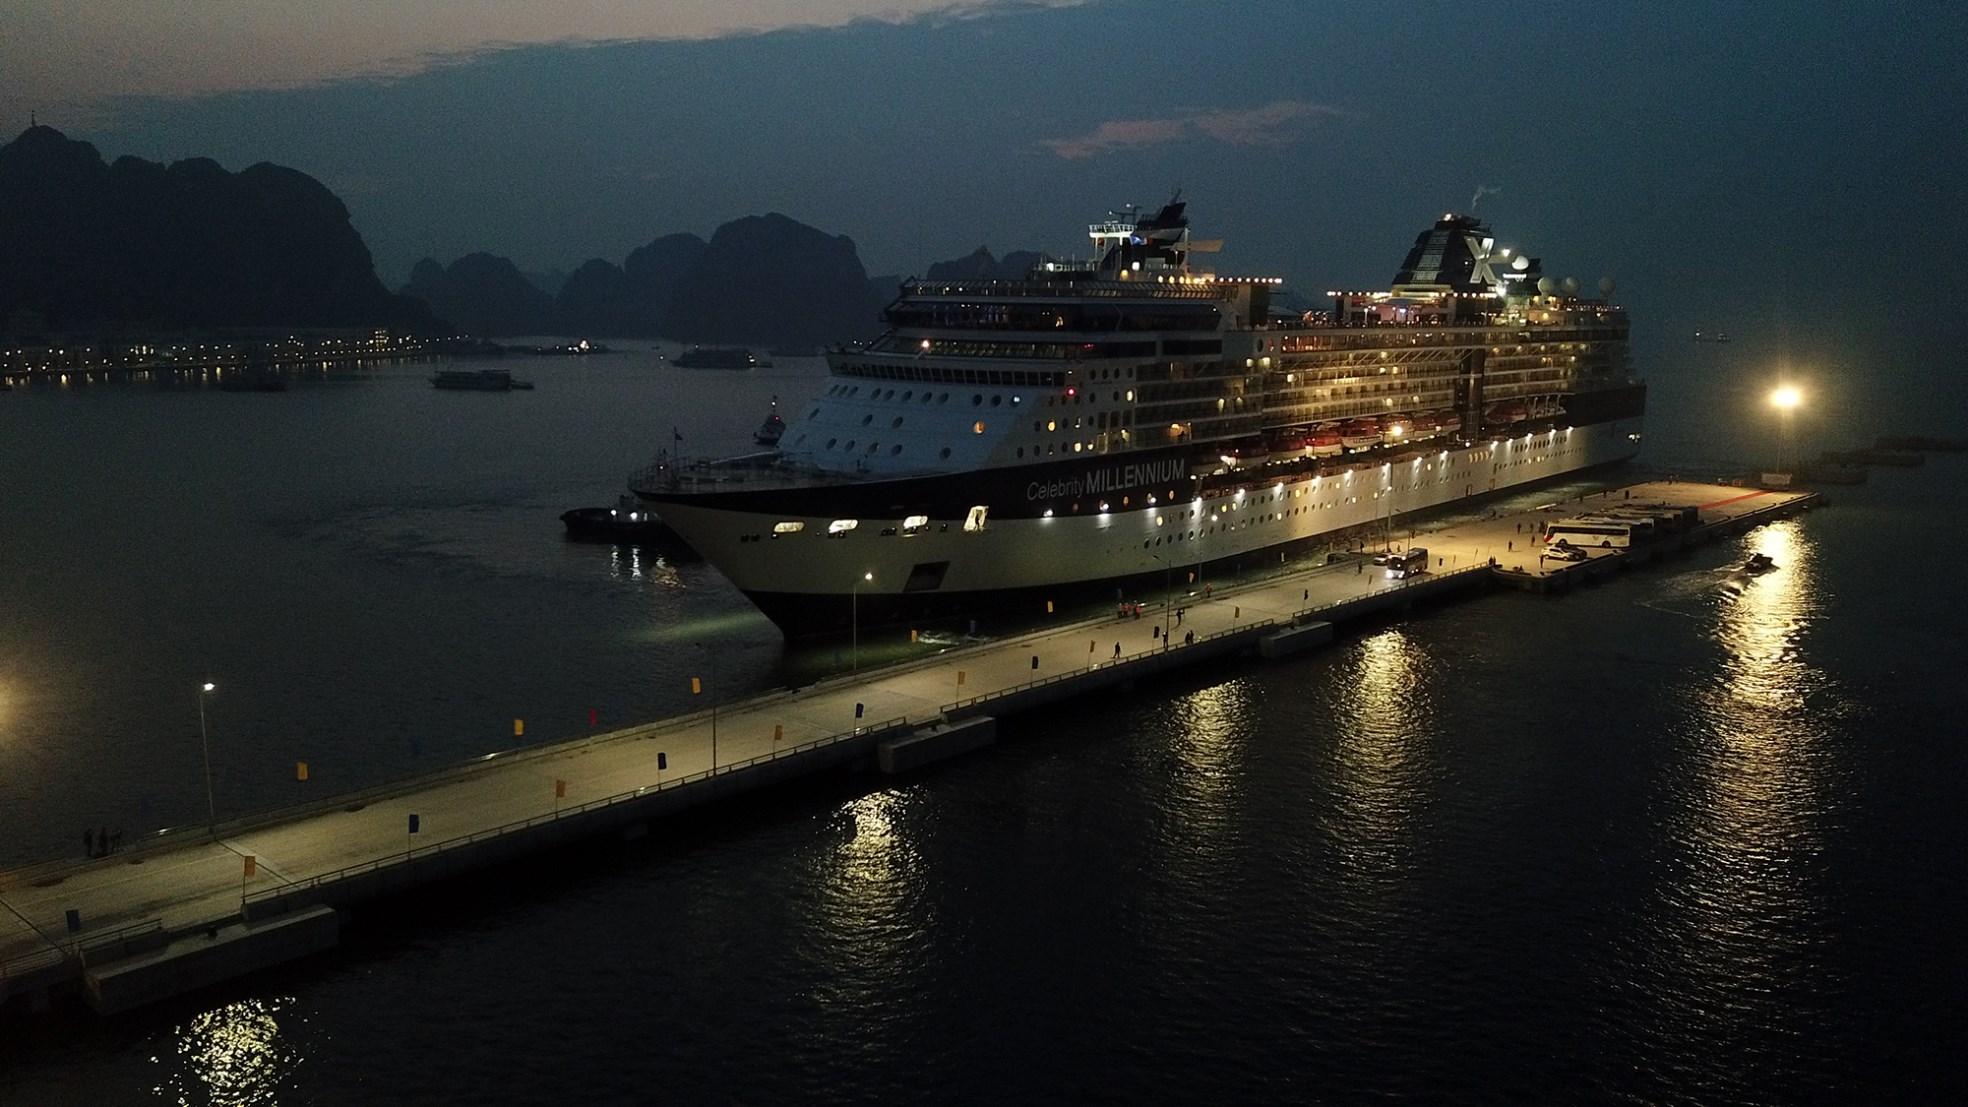 Cảng hành khách du lịch quốc tế Hạ Long đón chuyến tàu 5 sao đầu tiên - Ảnh 5